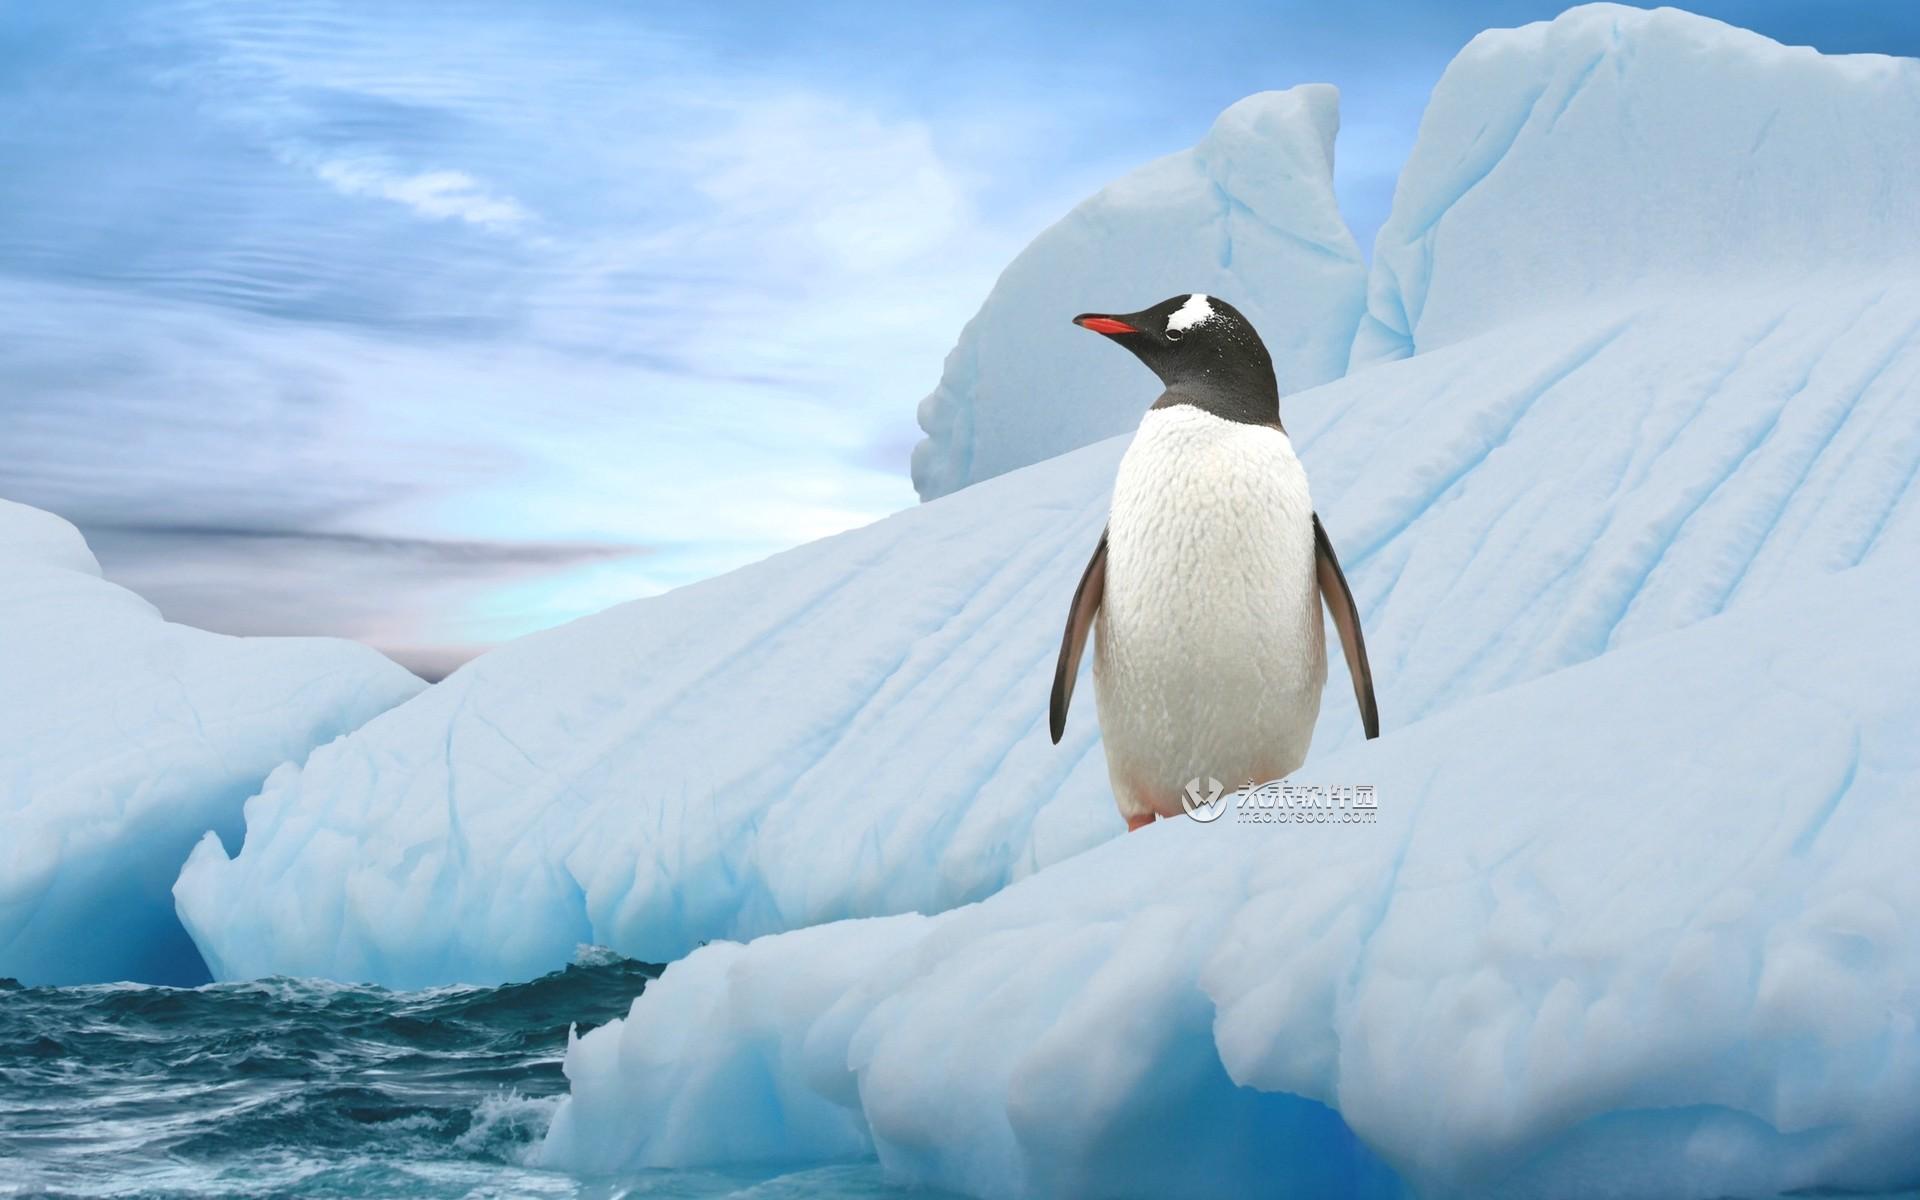 南极阿德利企鹅高清动态壁纸